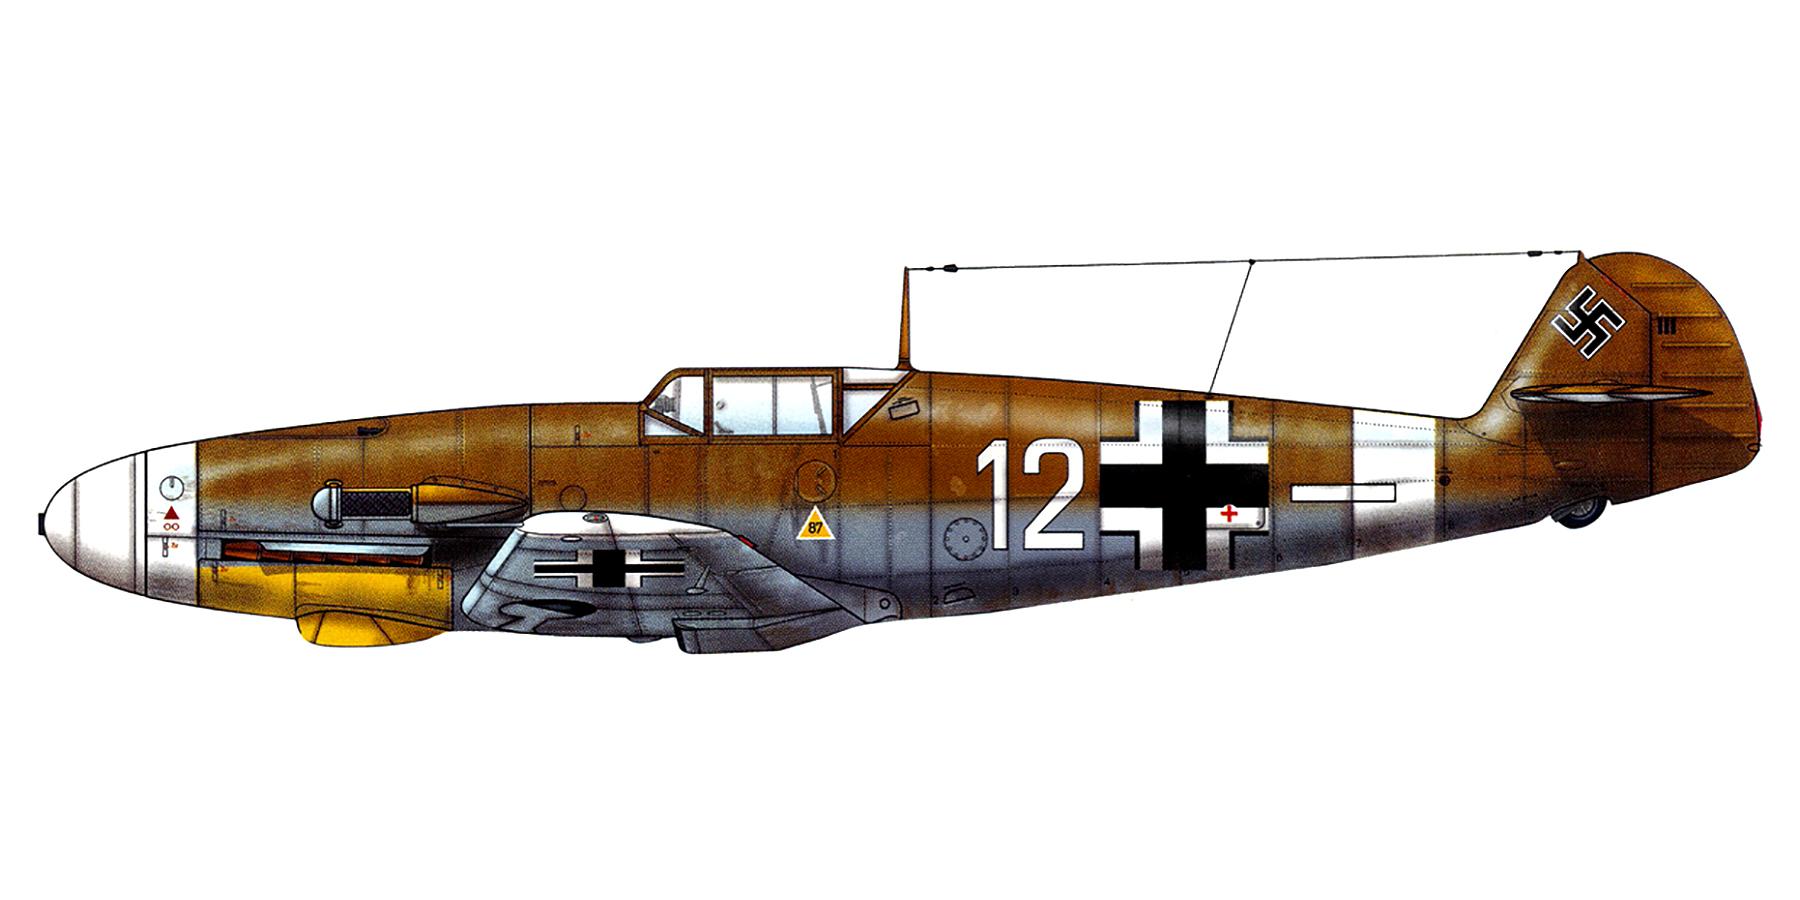 Messerschmitt Bf 109F4Trop 4.JG27 White 12 Franz Stigler Libya 1942 0A